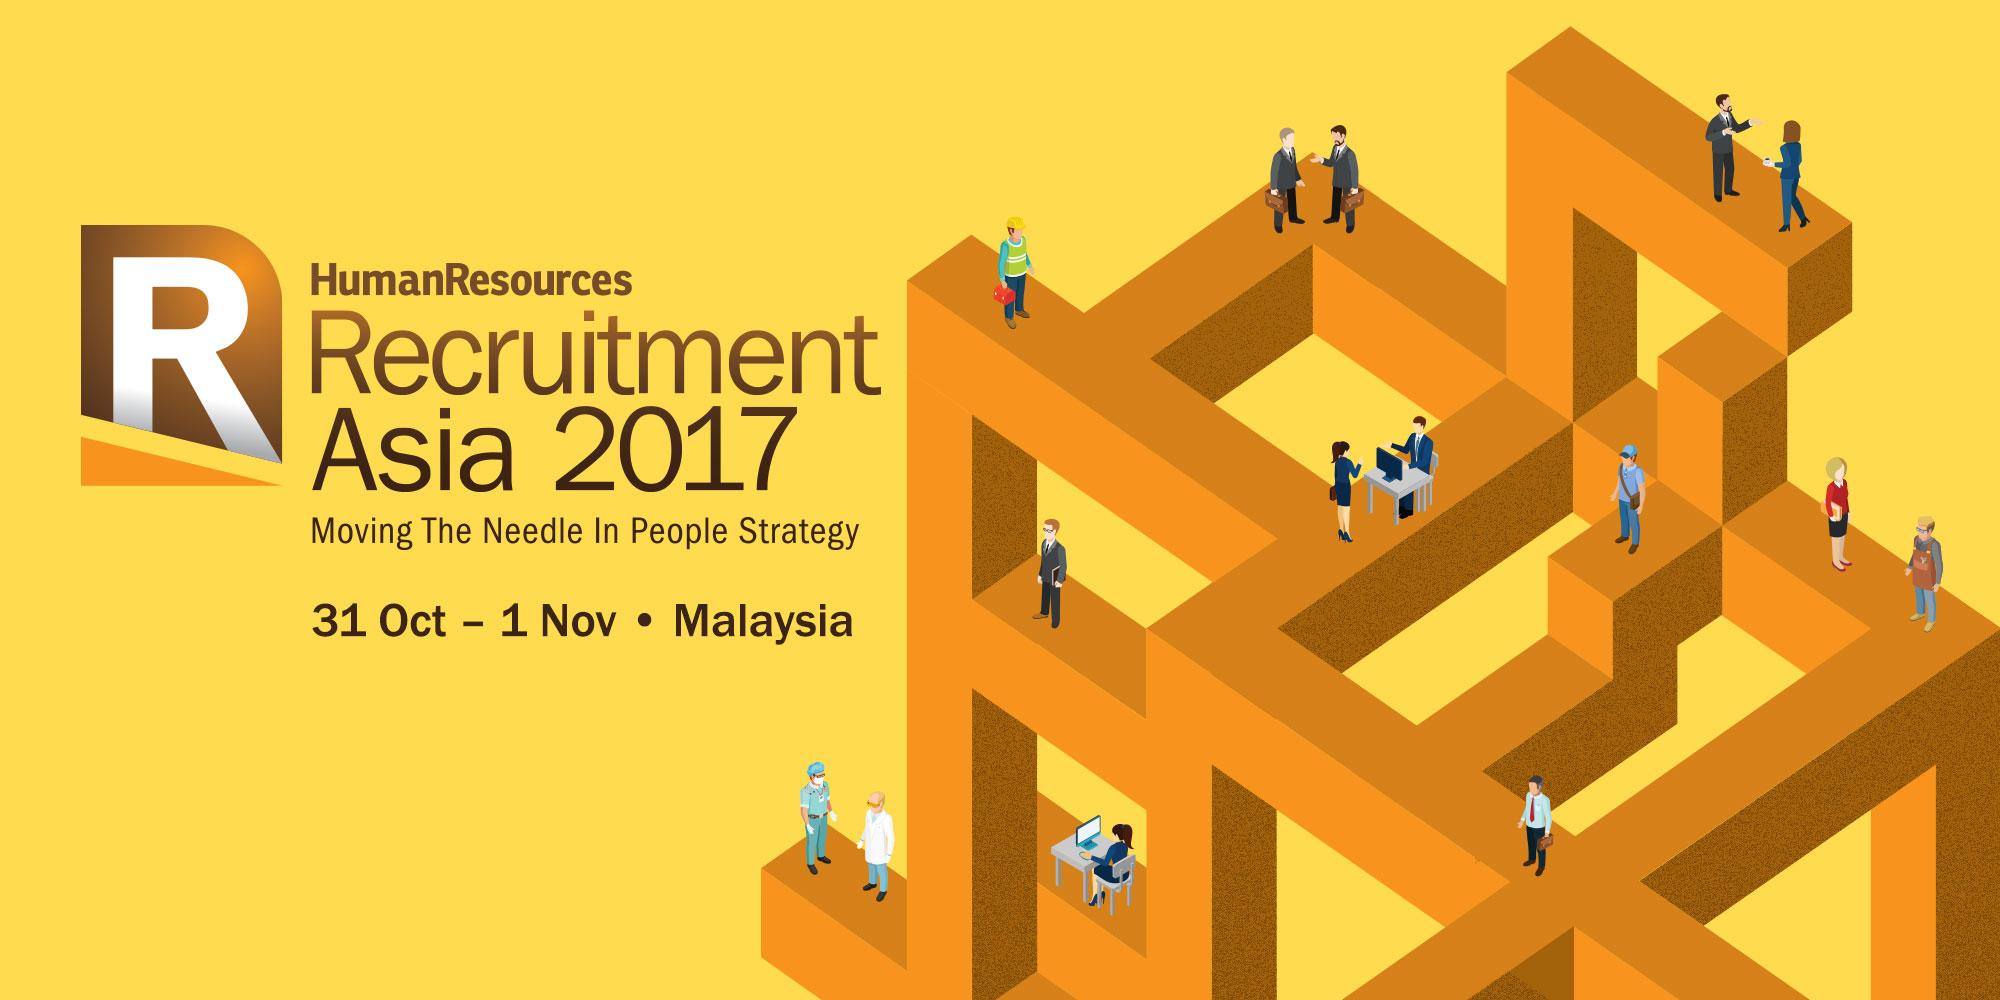 HR Recruitment Asia 2017